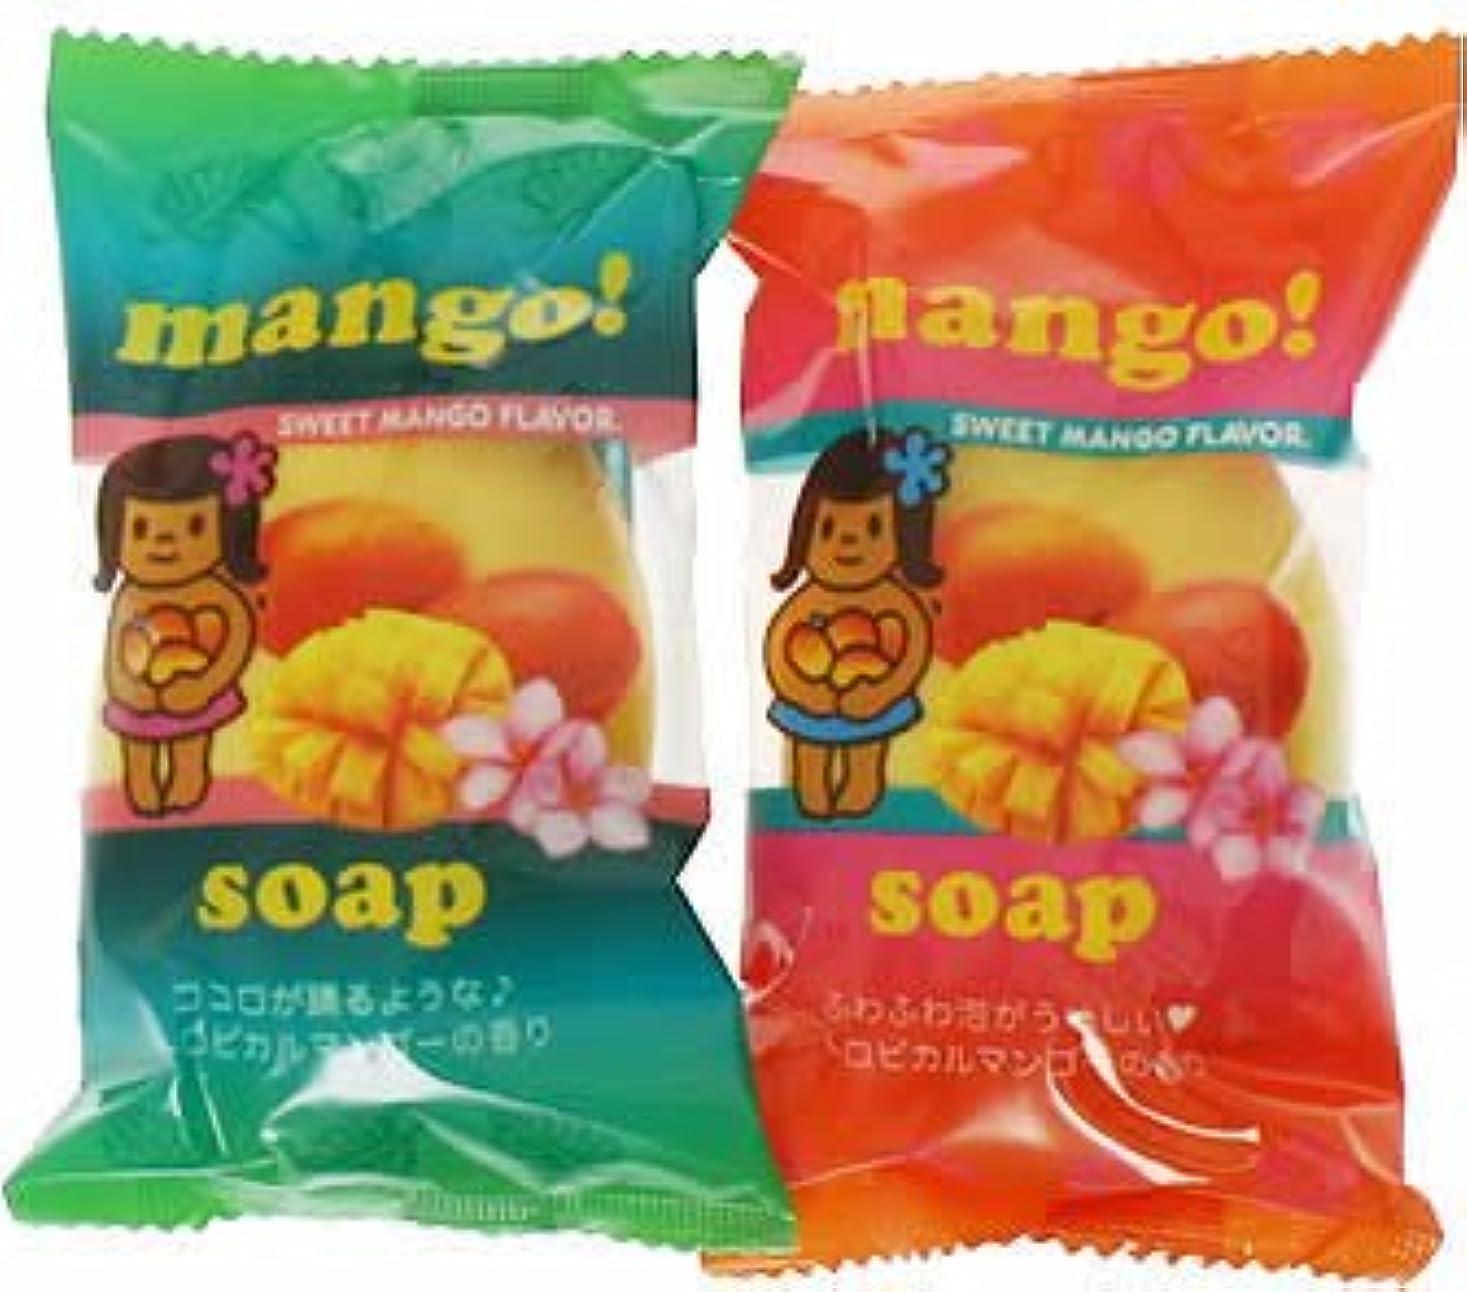 ギャザー敬なモンキーフルーツマーケットソープ マンゴー (70g*2個入)